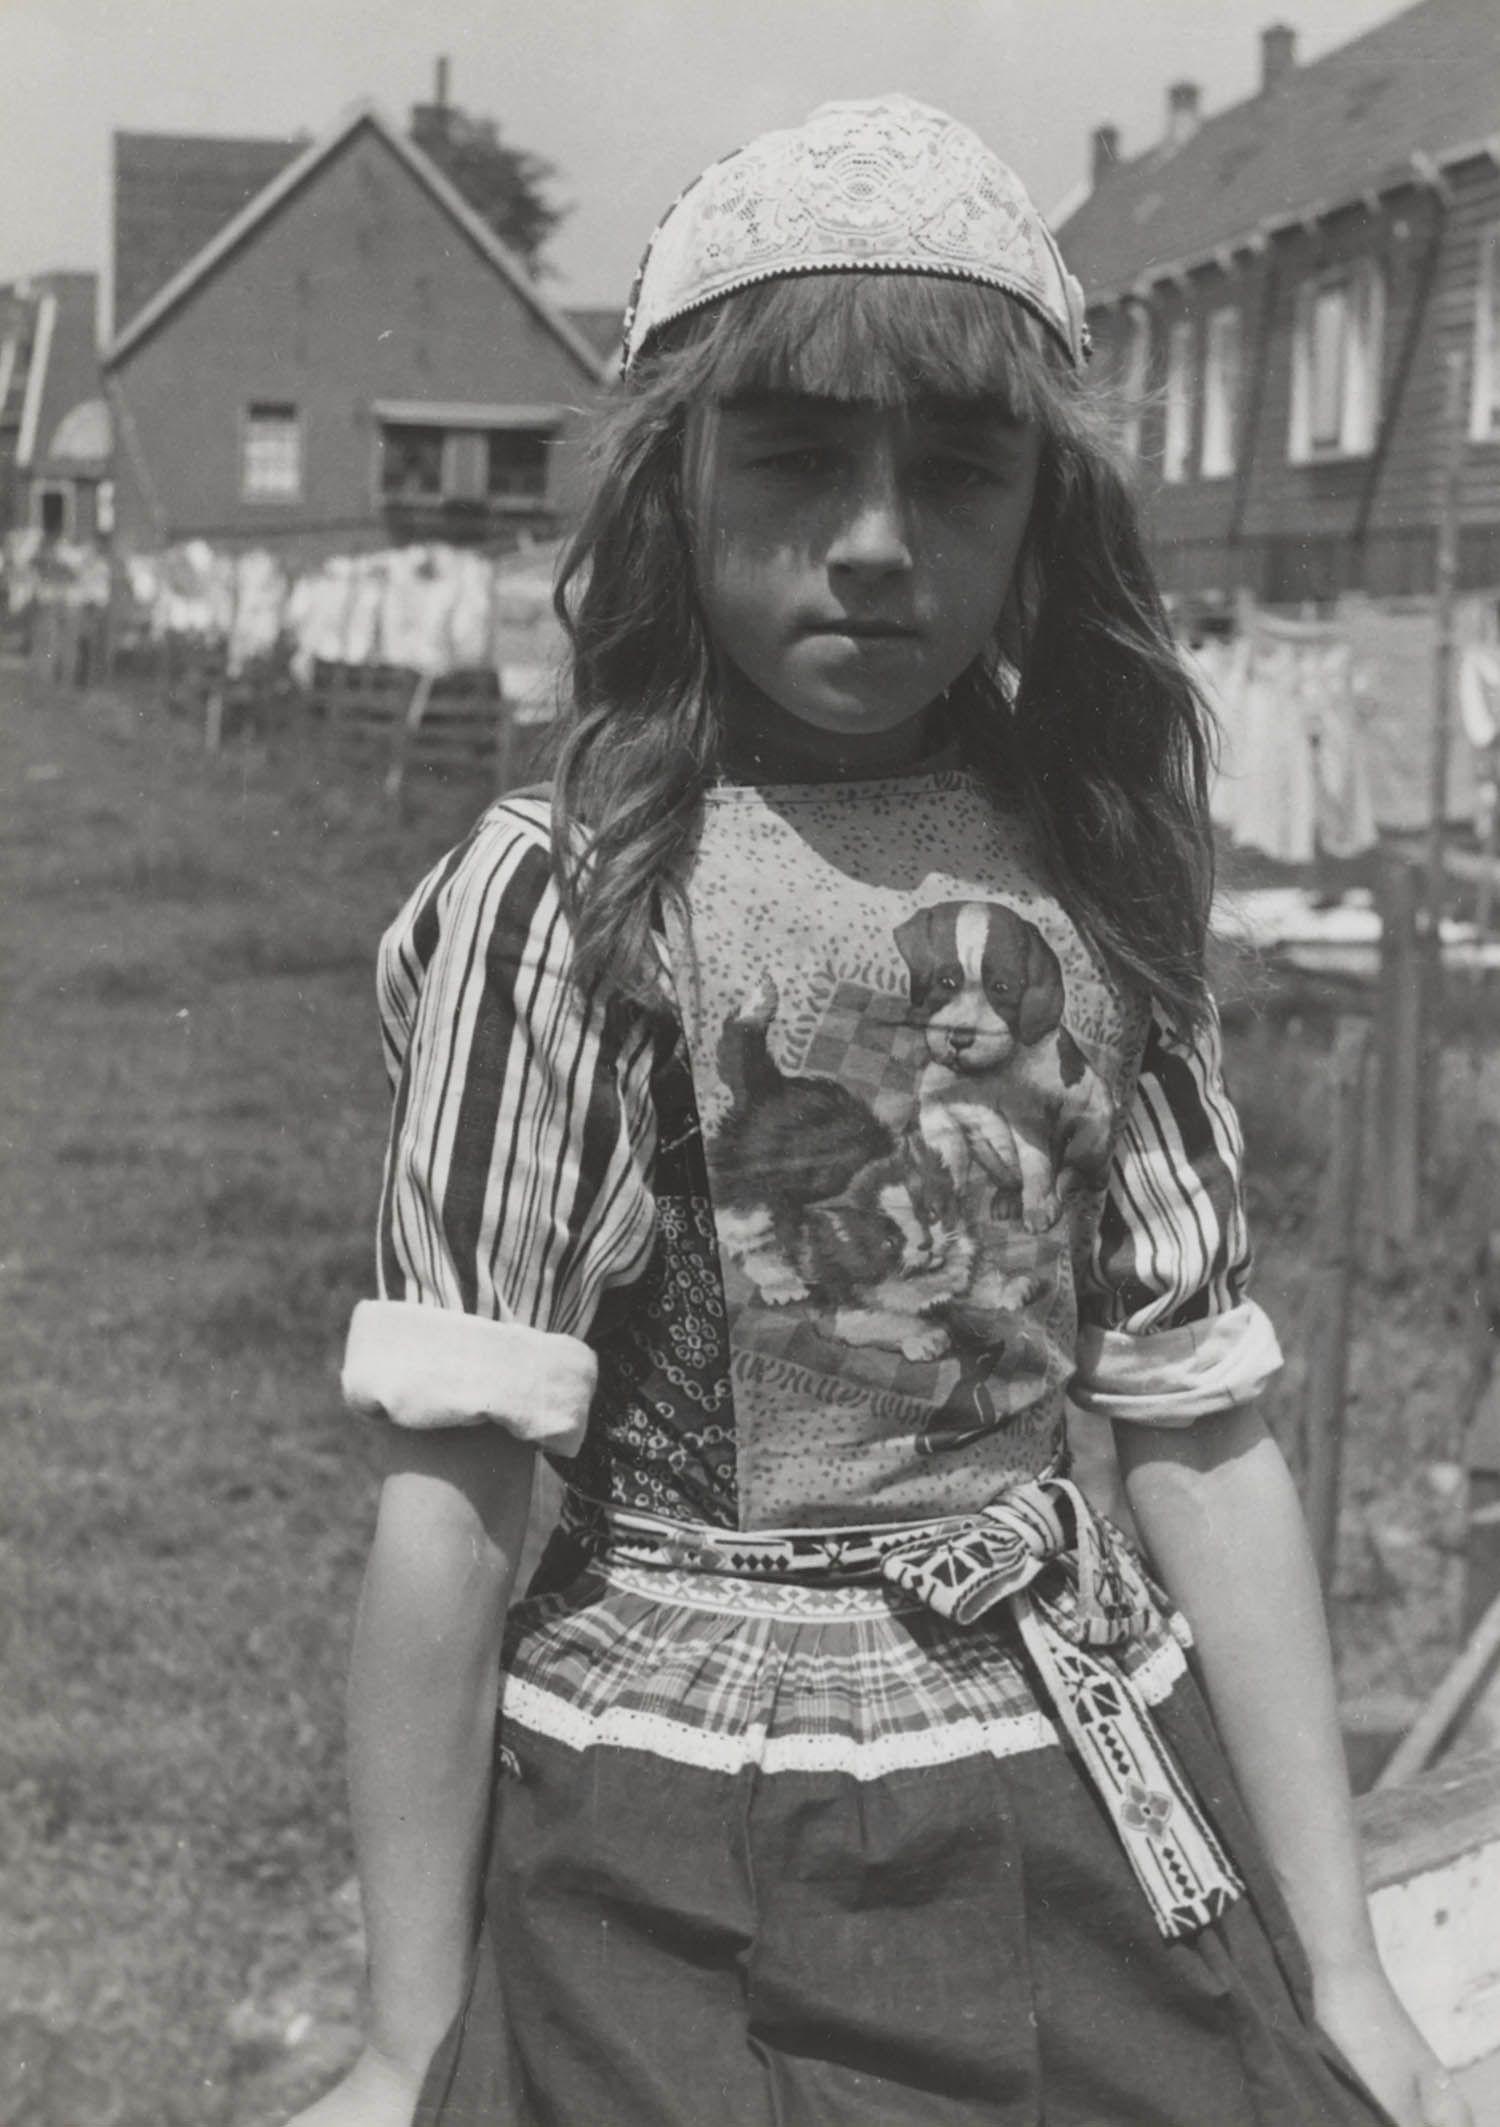 Jong meisje in Marker streekdracht. Ze draagt een 'bauw' (borstlap) met daarop een poes en een hond. 1943 #NoordHolland #Marken